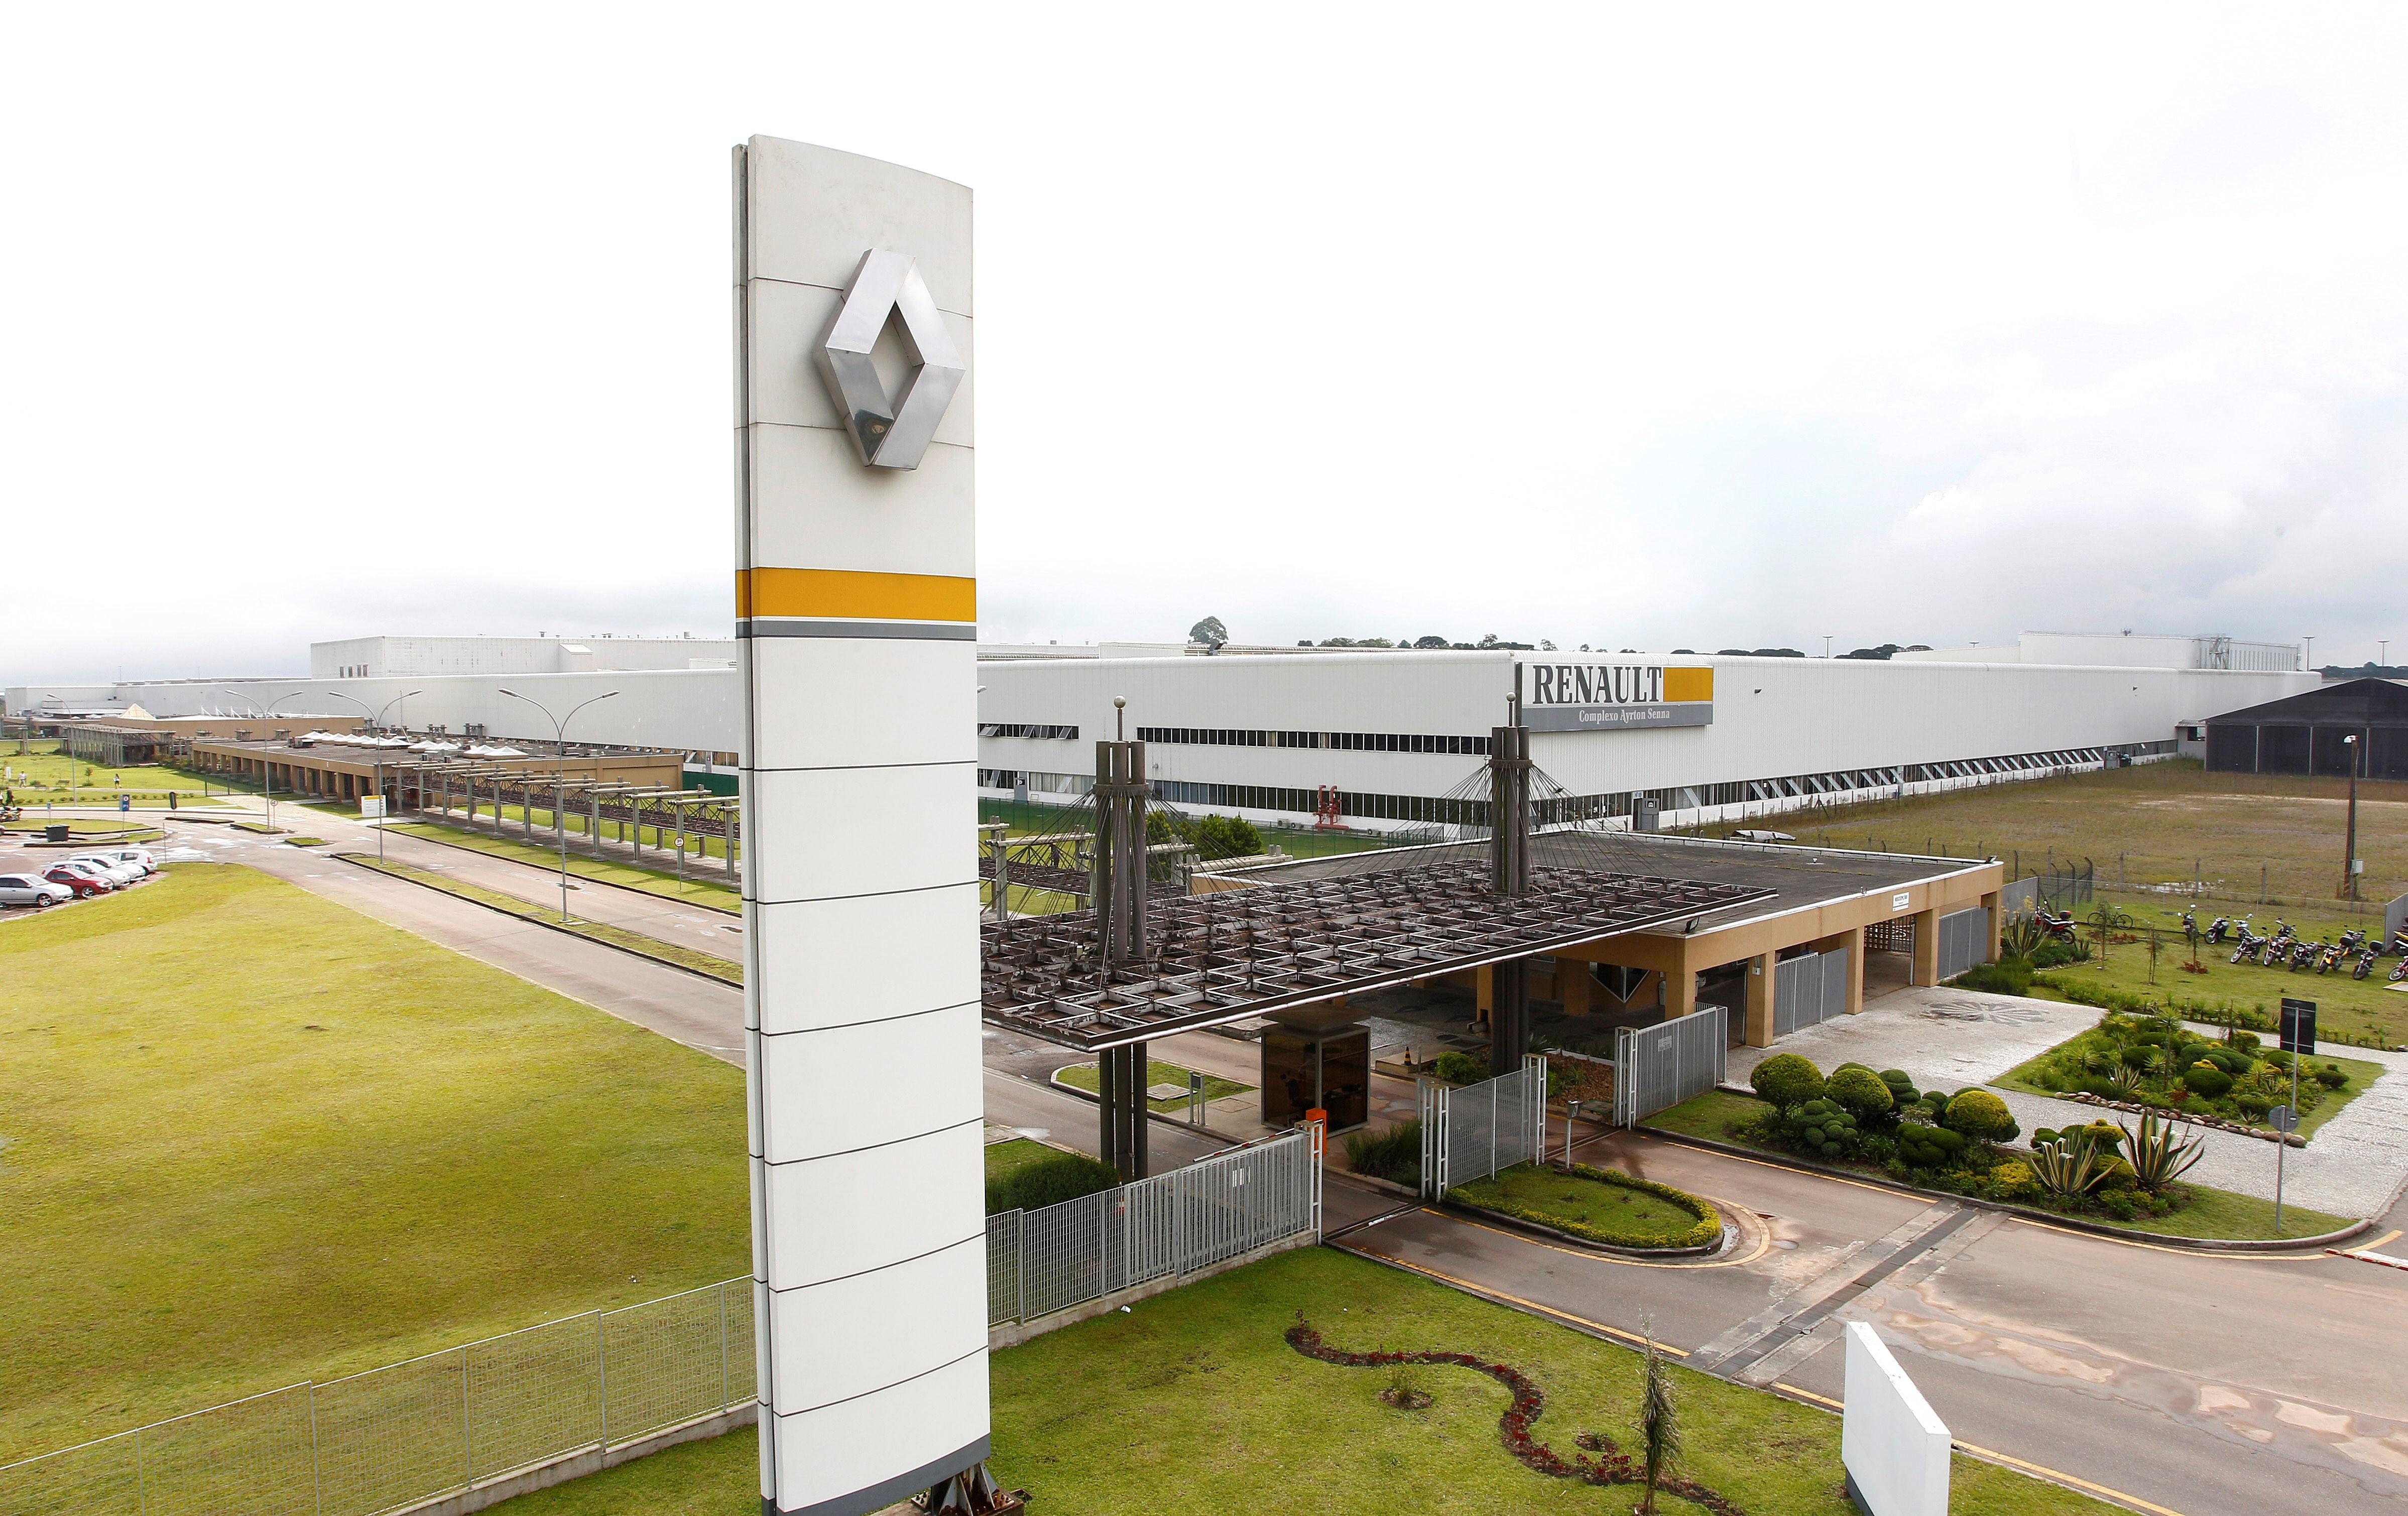 Renault paralisa produção em fábrica de São José dos Pinhais por causa da pandemia da Covid-19